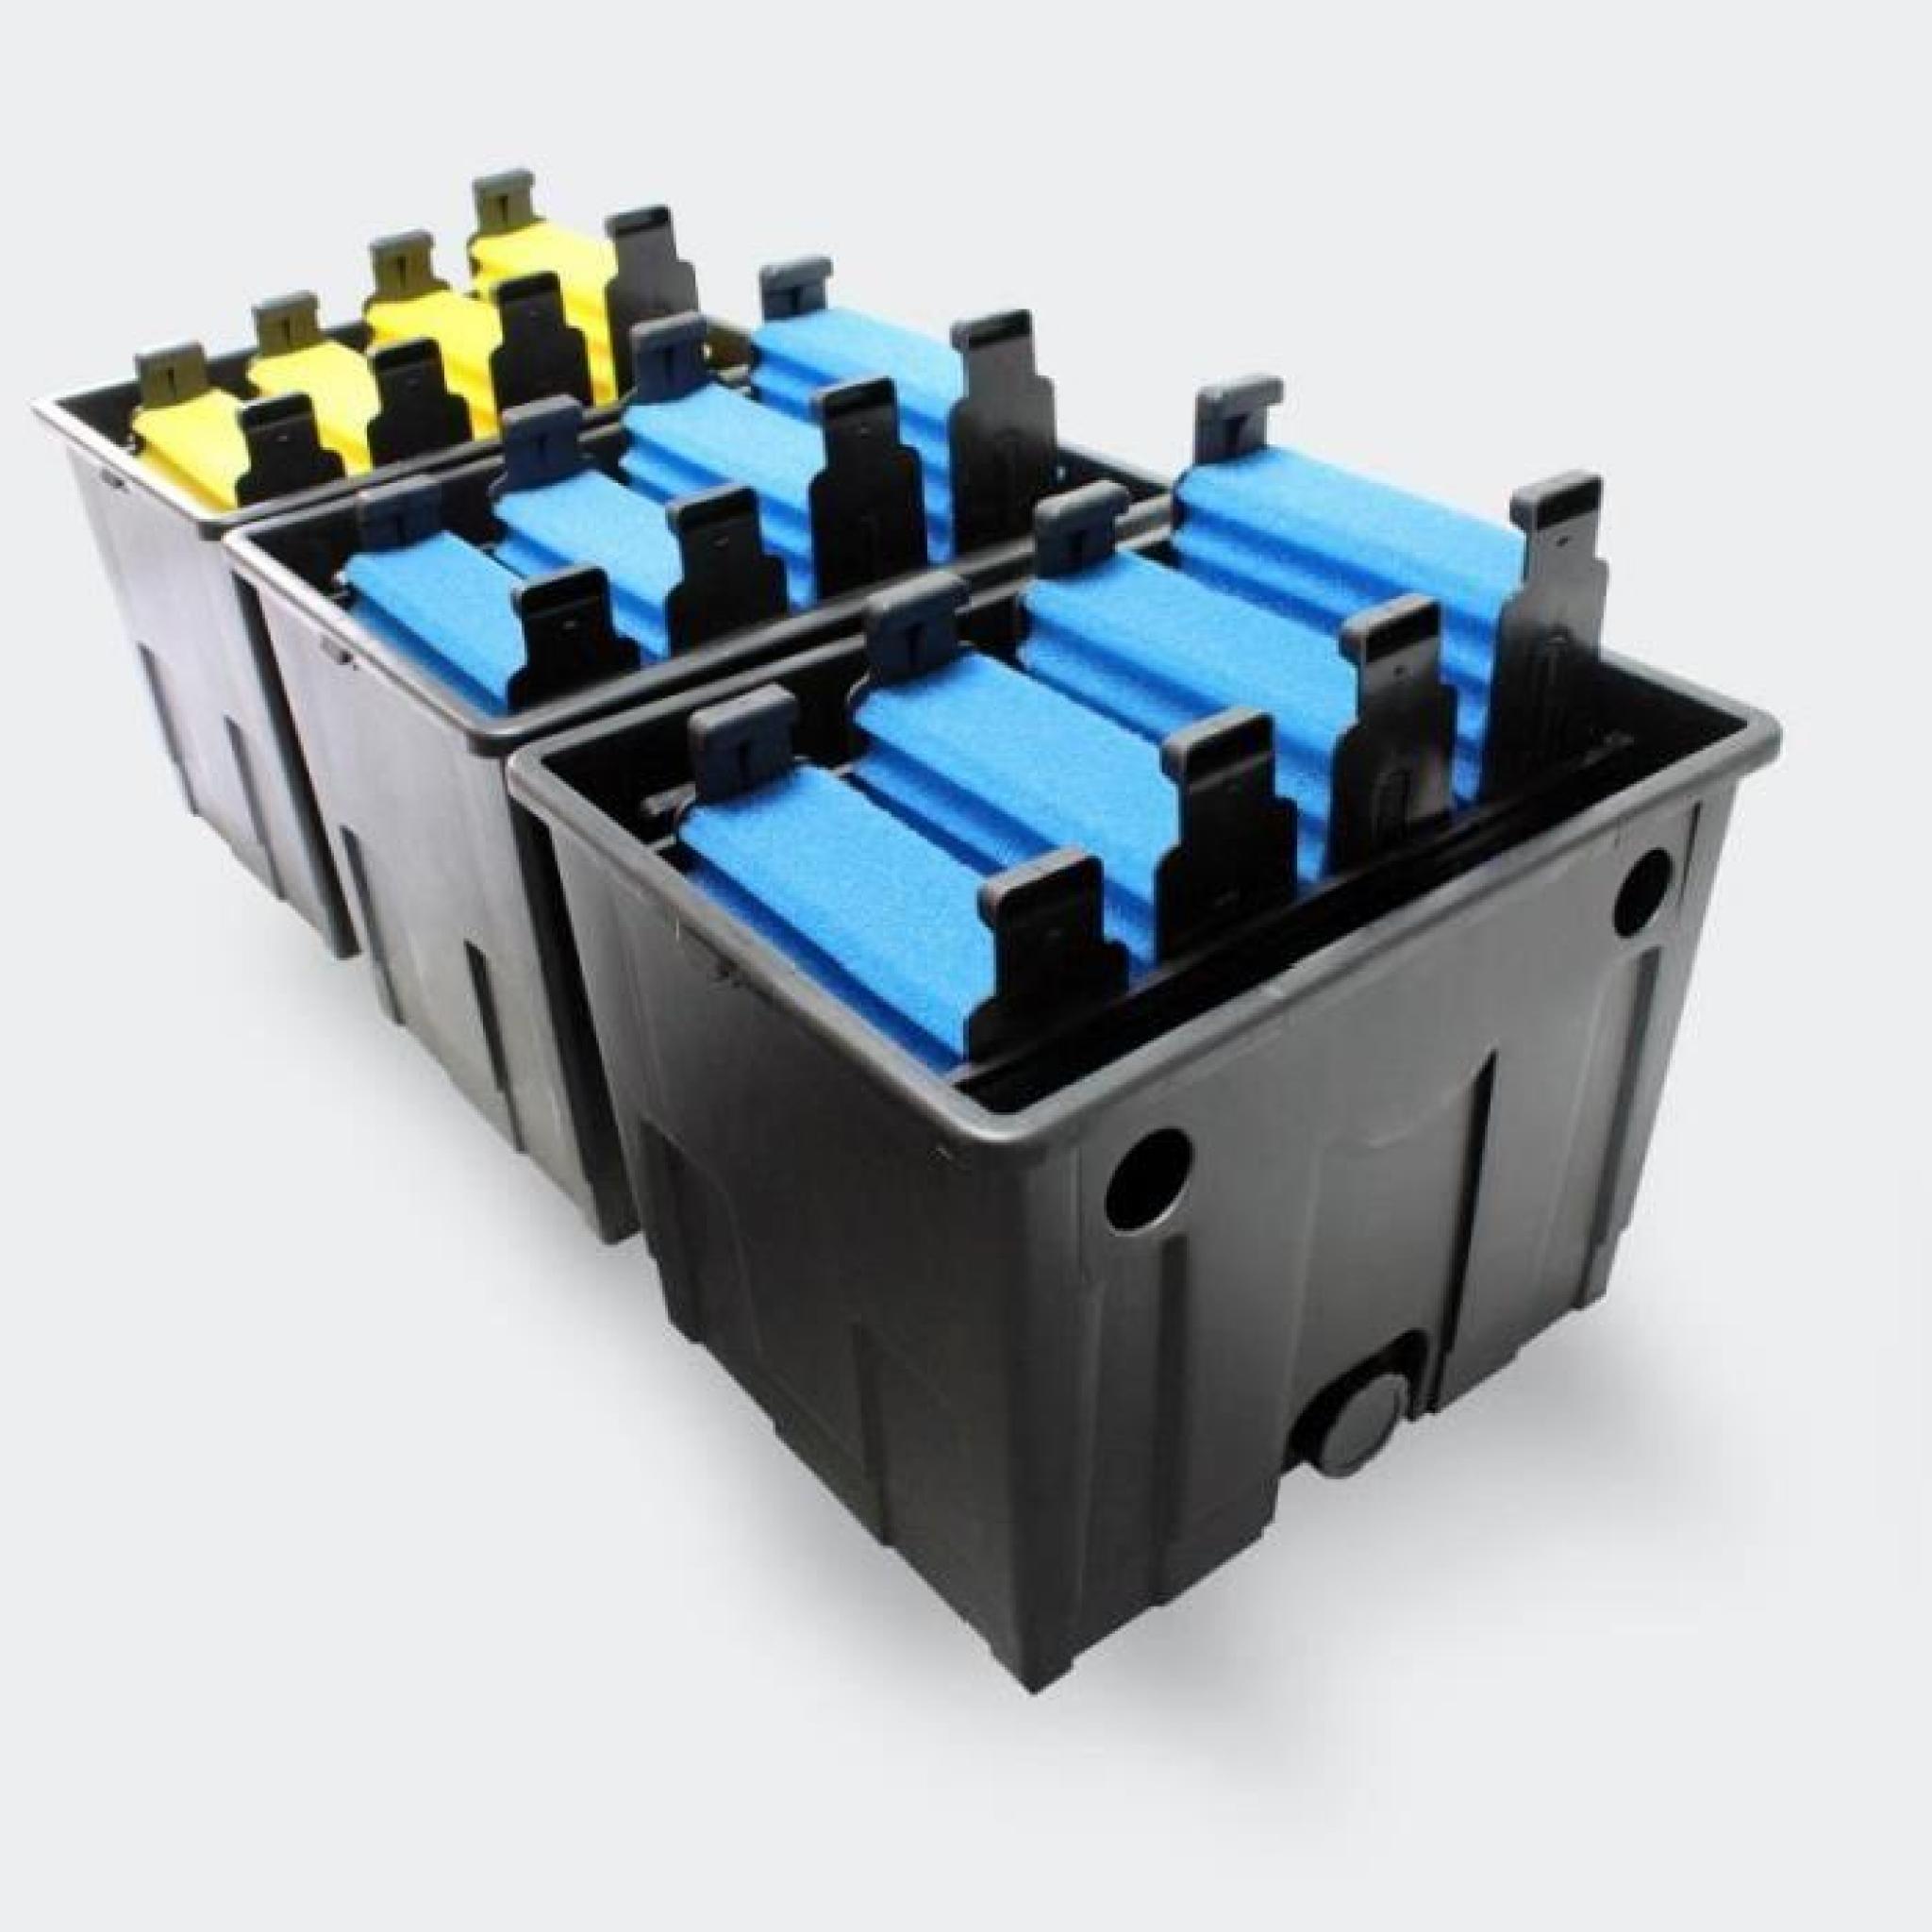 Kit de filtration uv pour bassin de jardin 40 60 m for Kit filtration bassin pas cher